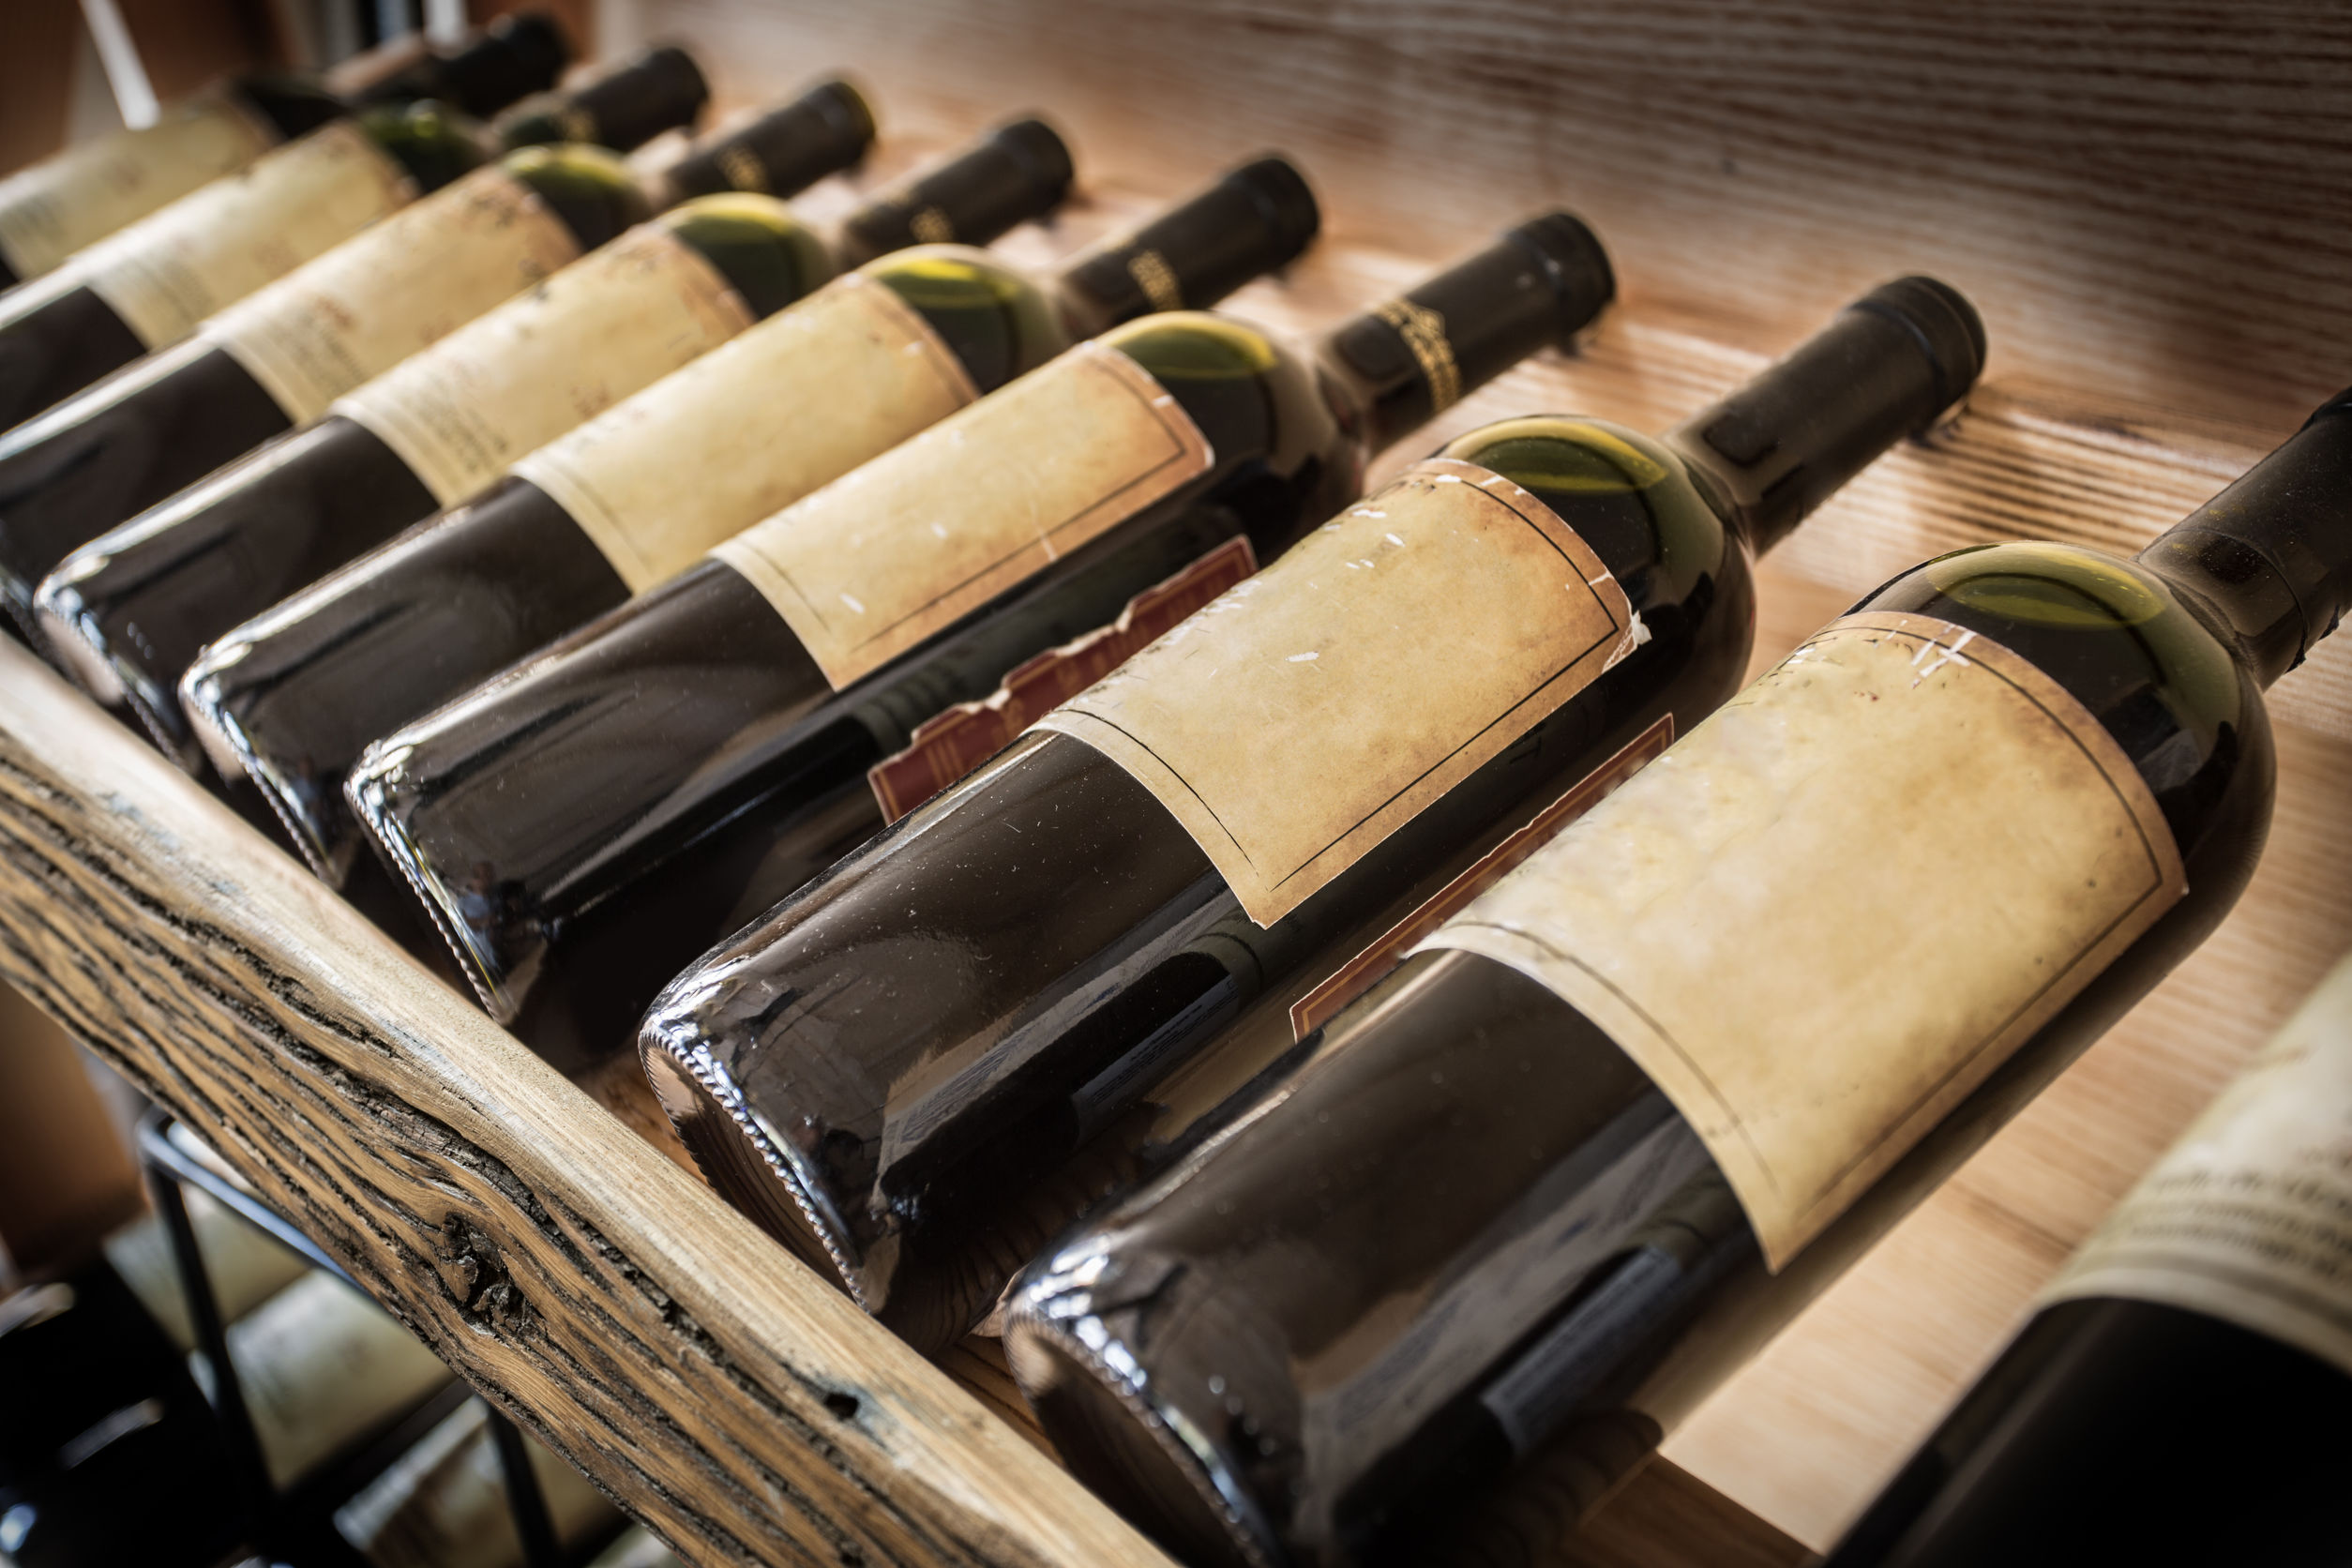 estantes llenos de vino